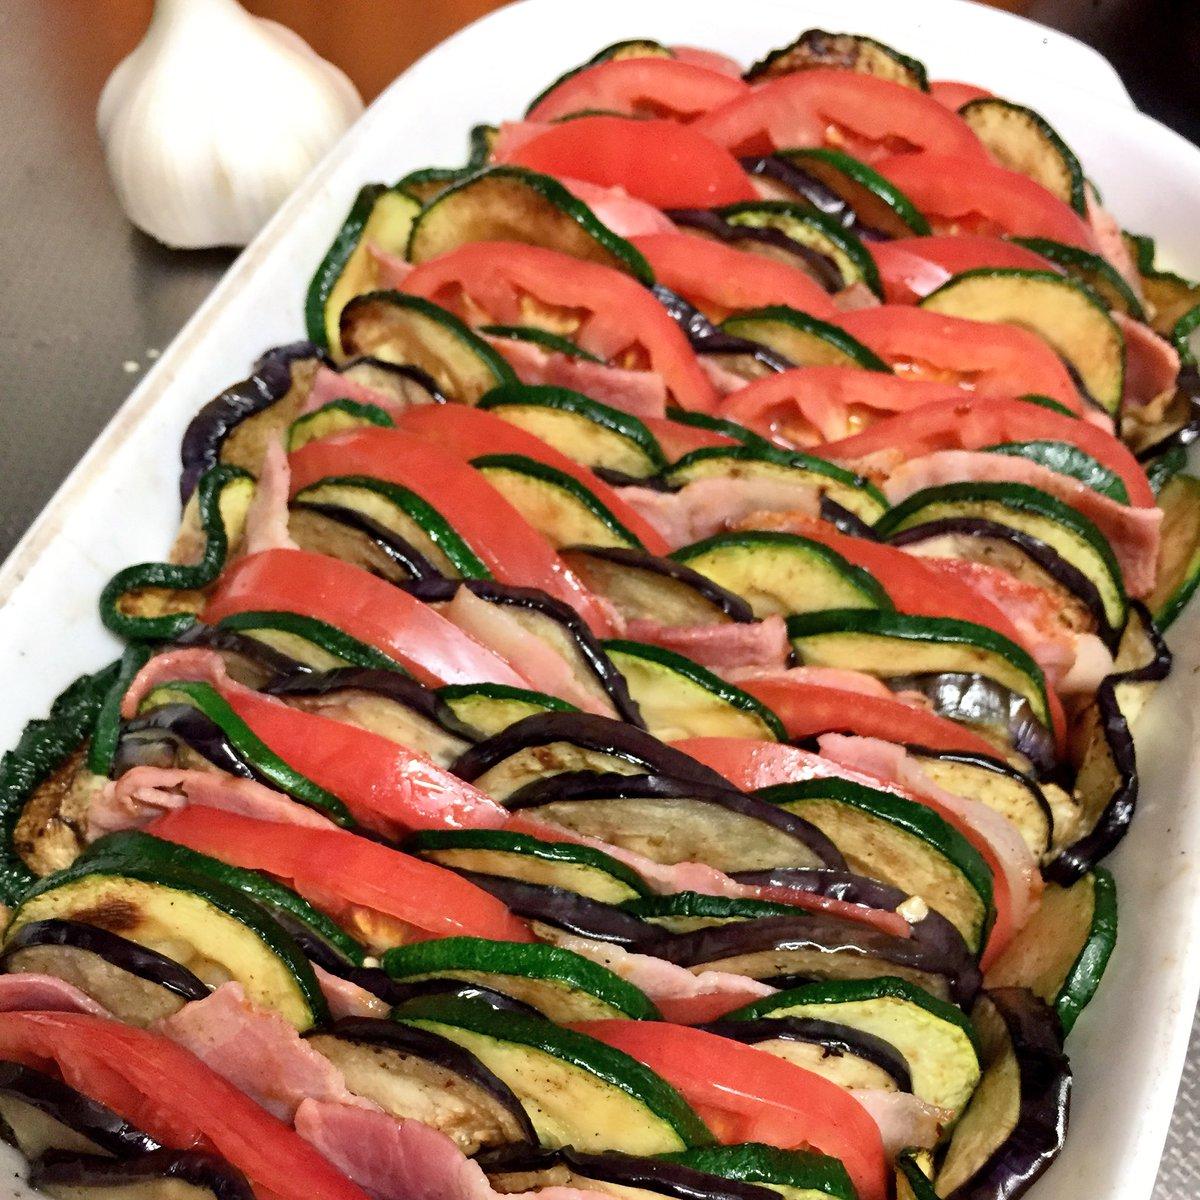 夏野菜の重ね焼き。 4人前。トマト2個、ズッキーニ大1本、米ナス大1個、ベーコン12枚くらい。材料を5〜10mmくらいに切って、軽く塩胡椒して焼いてグラタン皿に重ねて入れ、とろけるチーズをかけてオーブン200度で15〜20分。チーズの表面がいい感じになったら出来上がり。